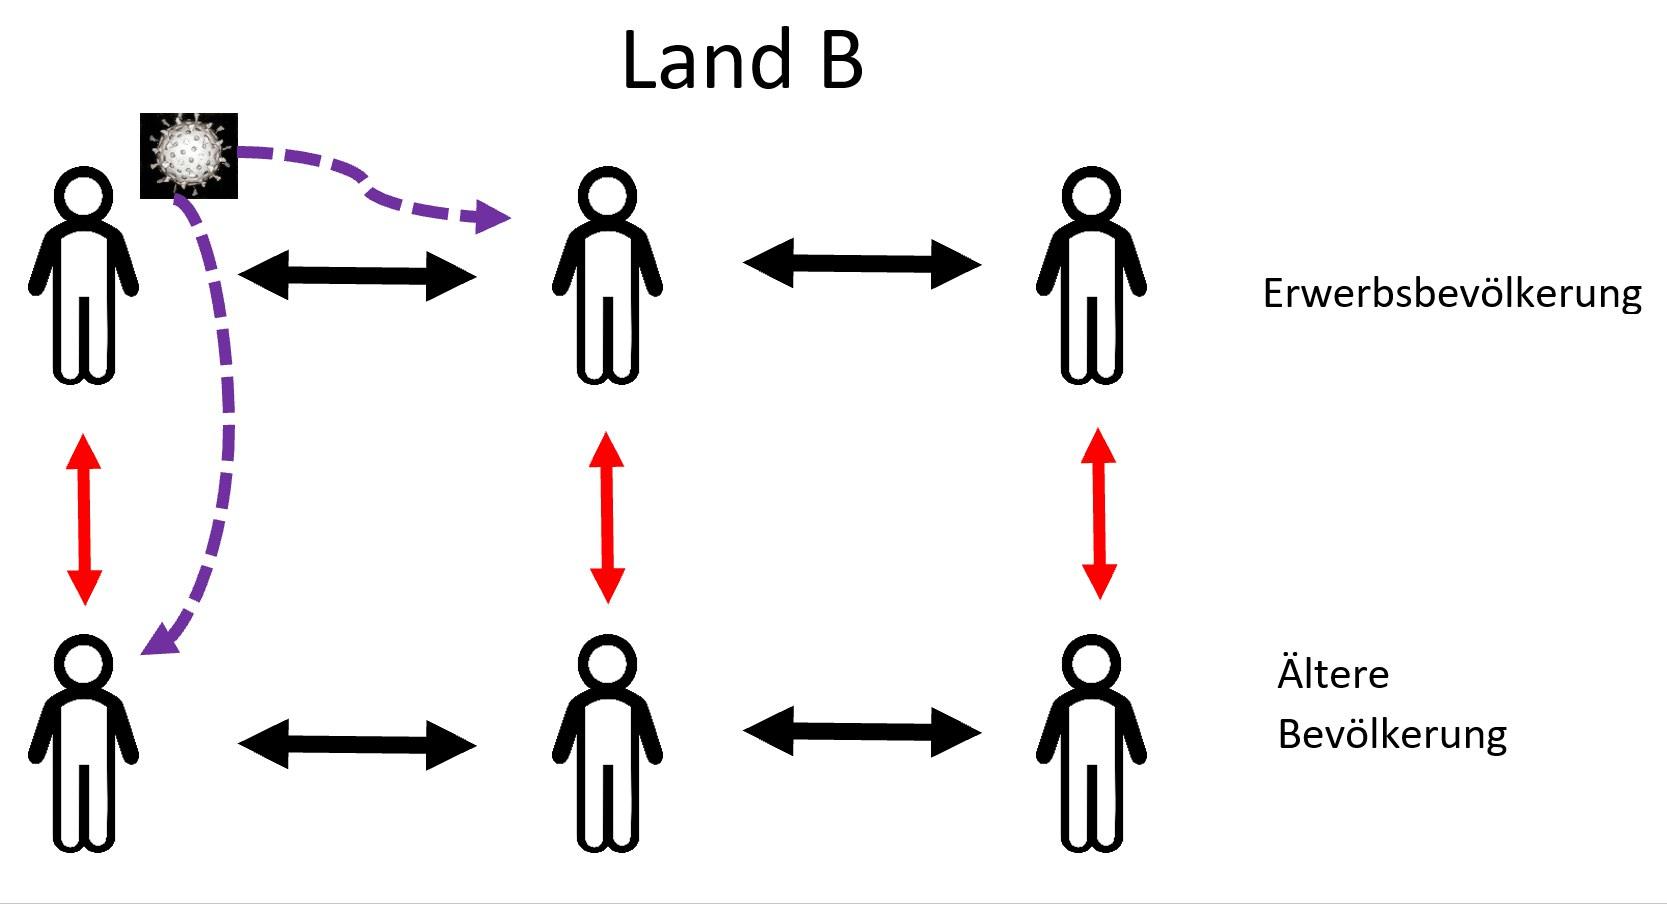 Land B: